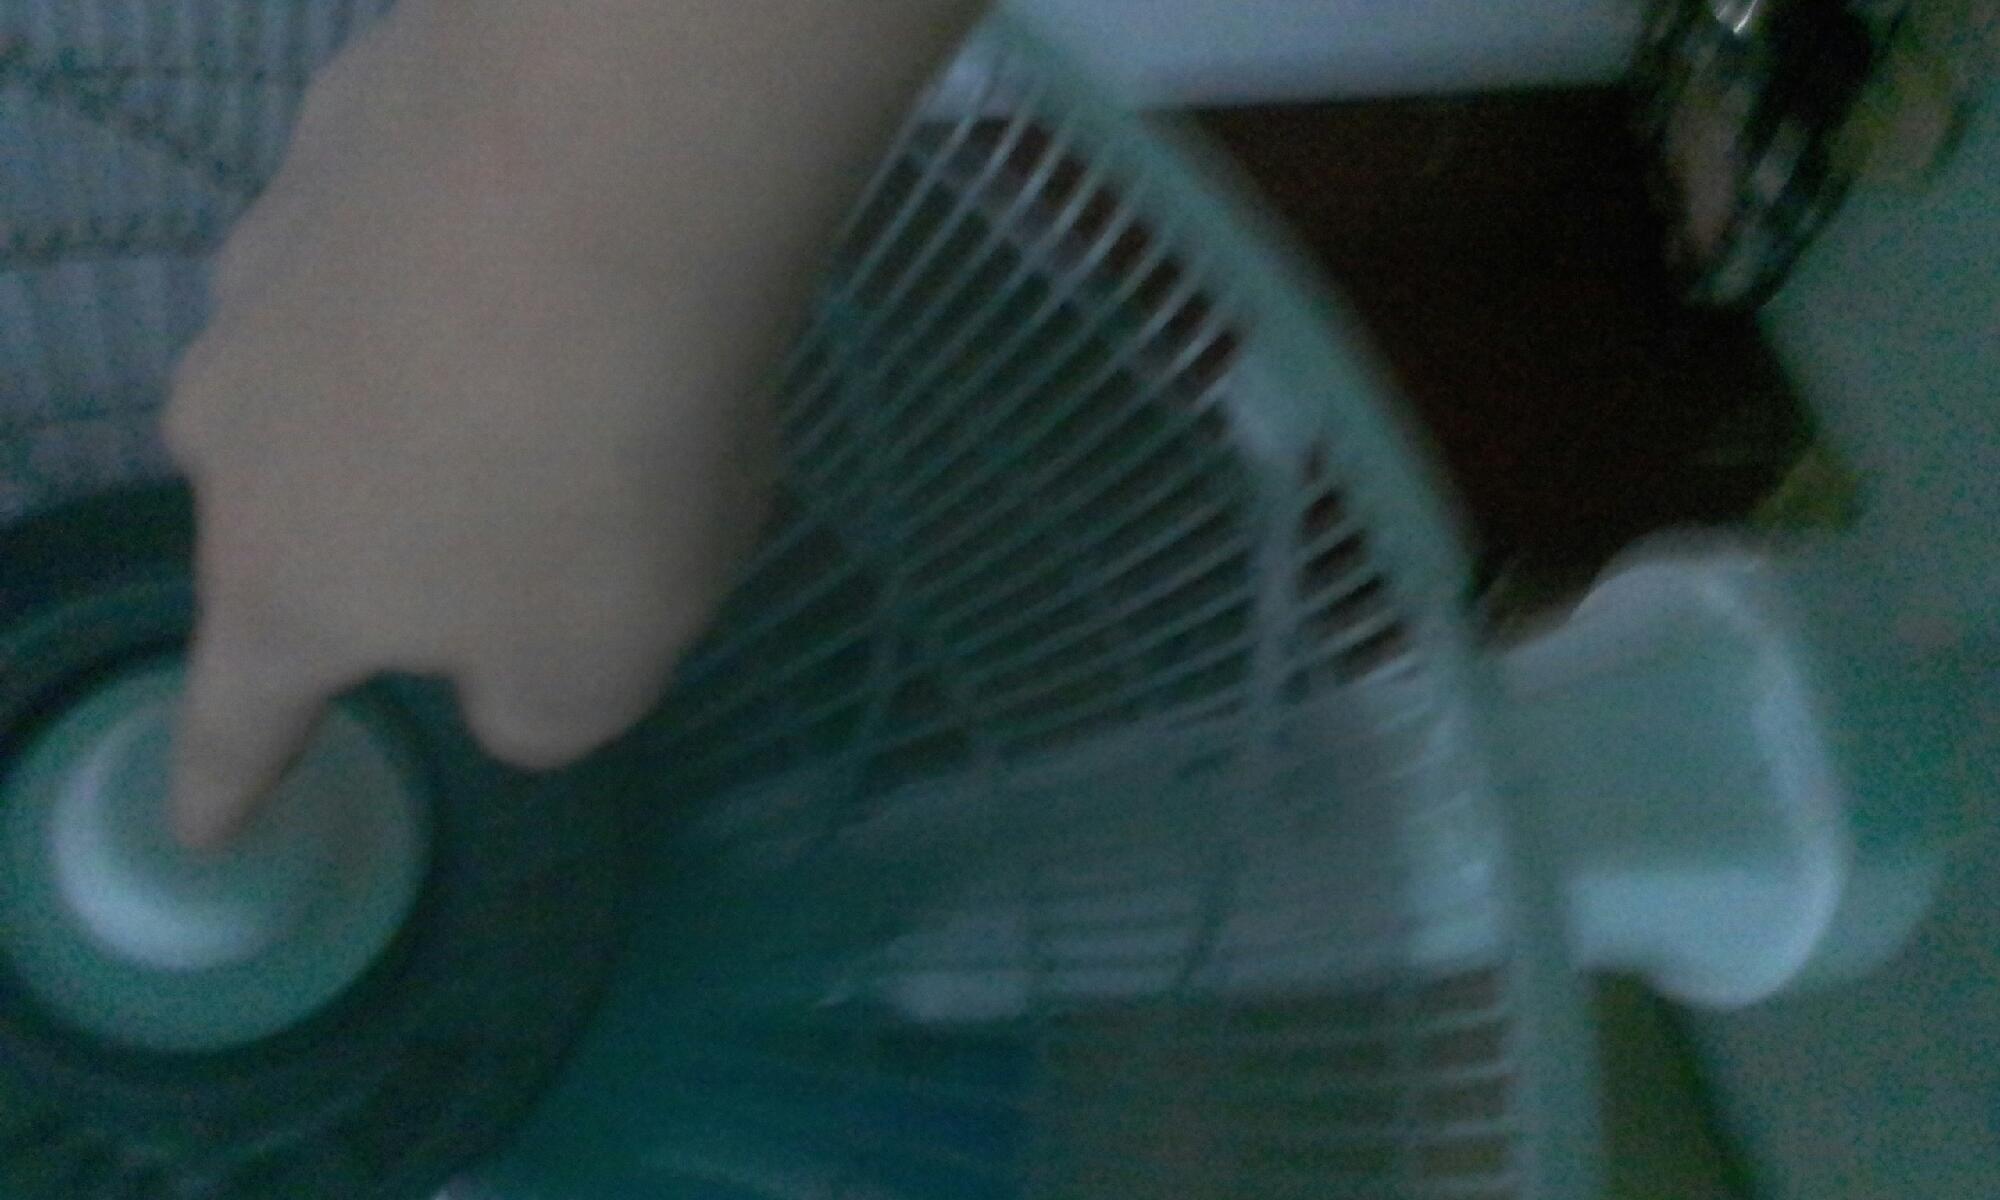 coloquei o dedo no ventilador